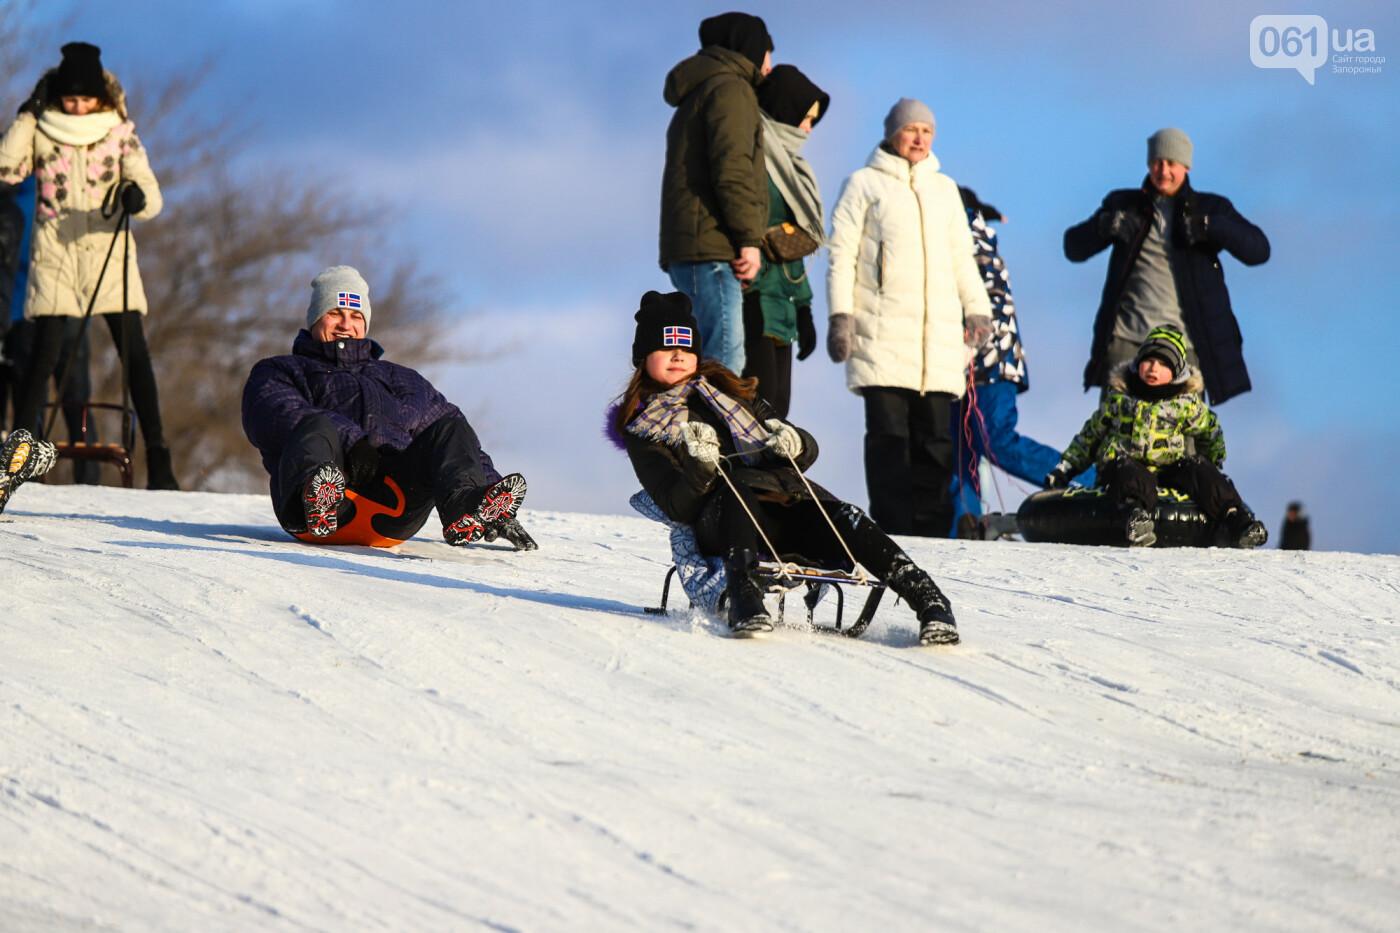 На санках, лыжах и сноуборде: запорожцы устроили массовое катание с горок в Вознесеновском парке, - ФОТОРЕПОРТАЖ, фото-54